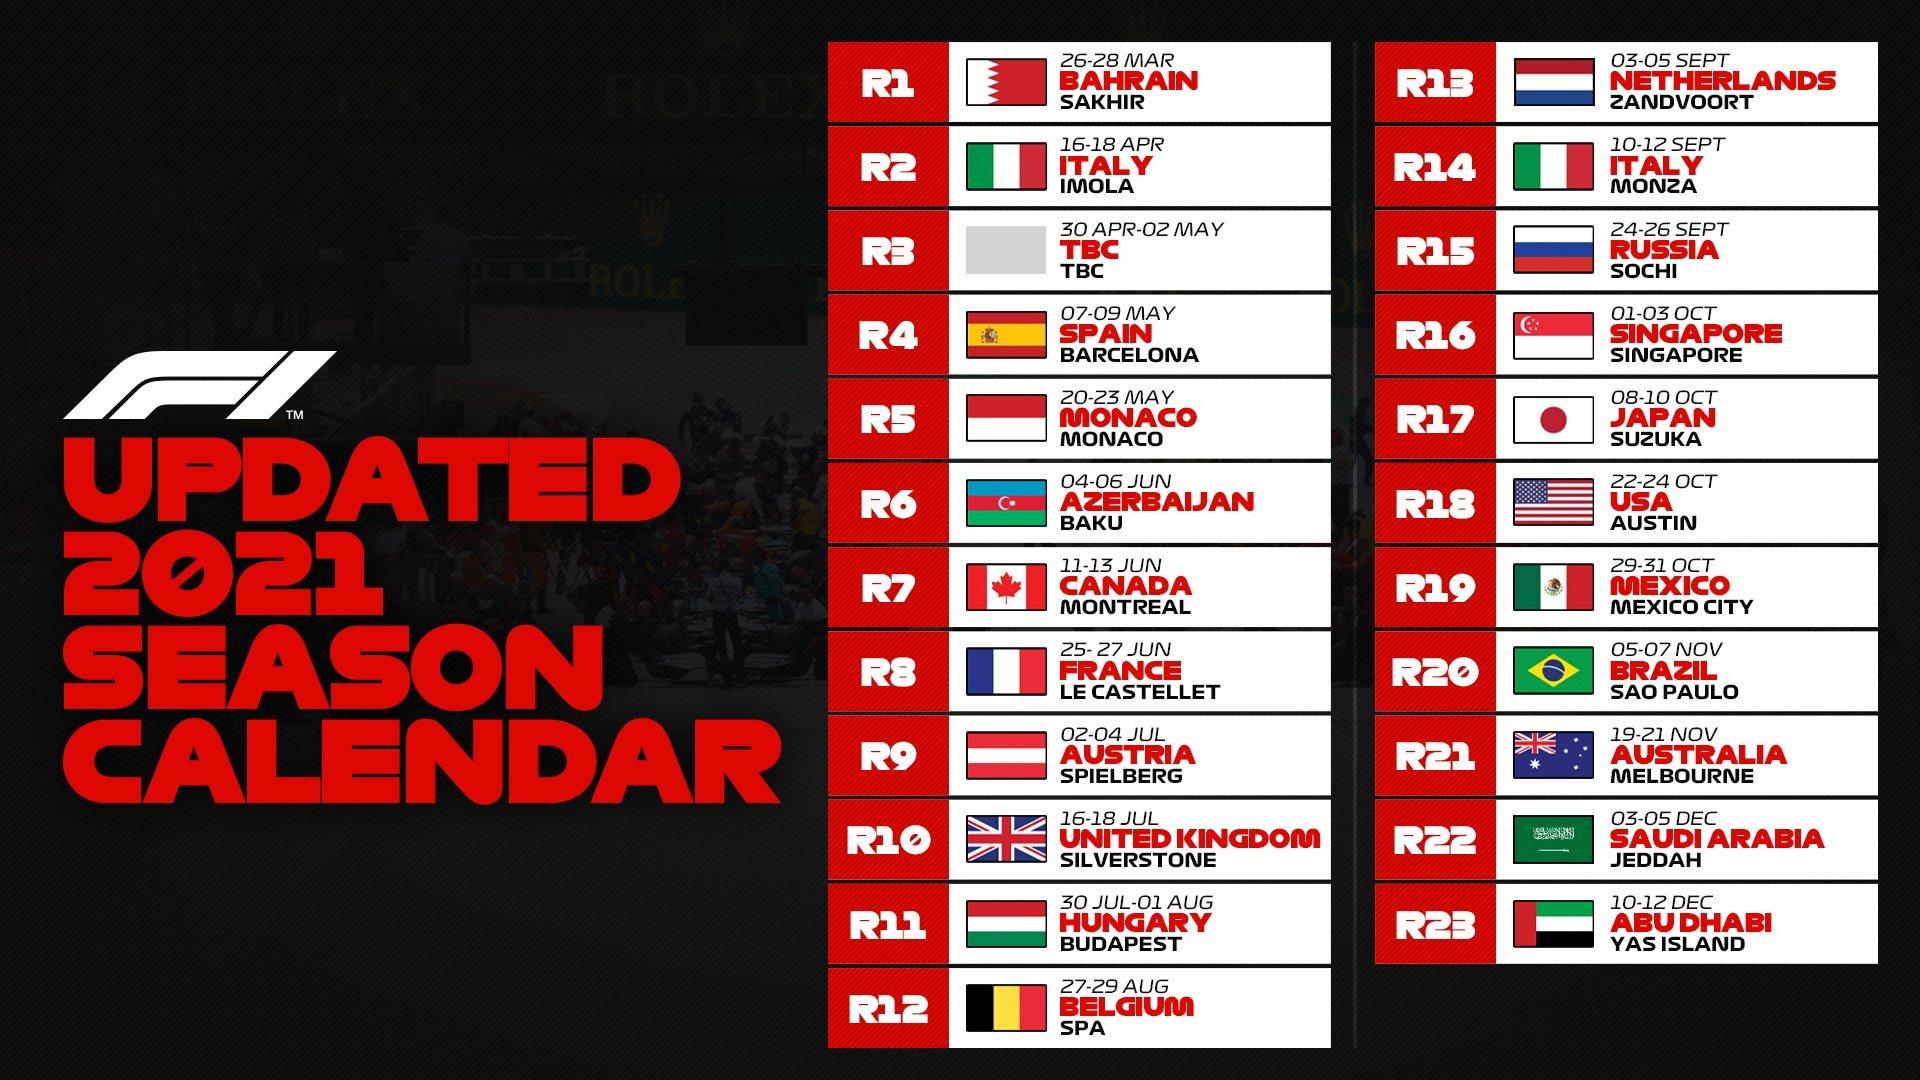 Calendario F1 2021: Carreras, circuitos y Gran Premio del calendario 2021  de Fórmula 1 | Marca